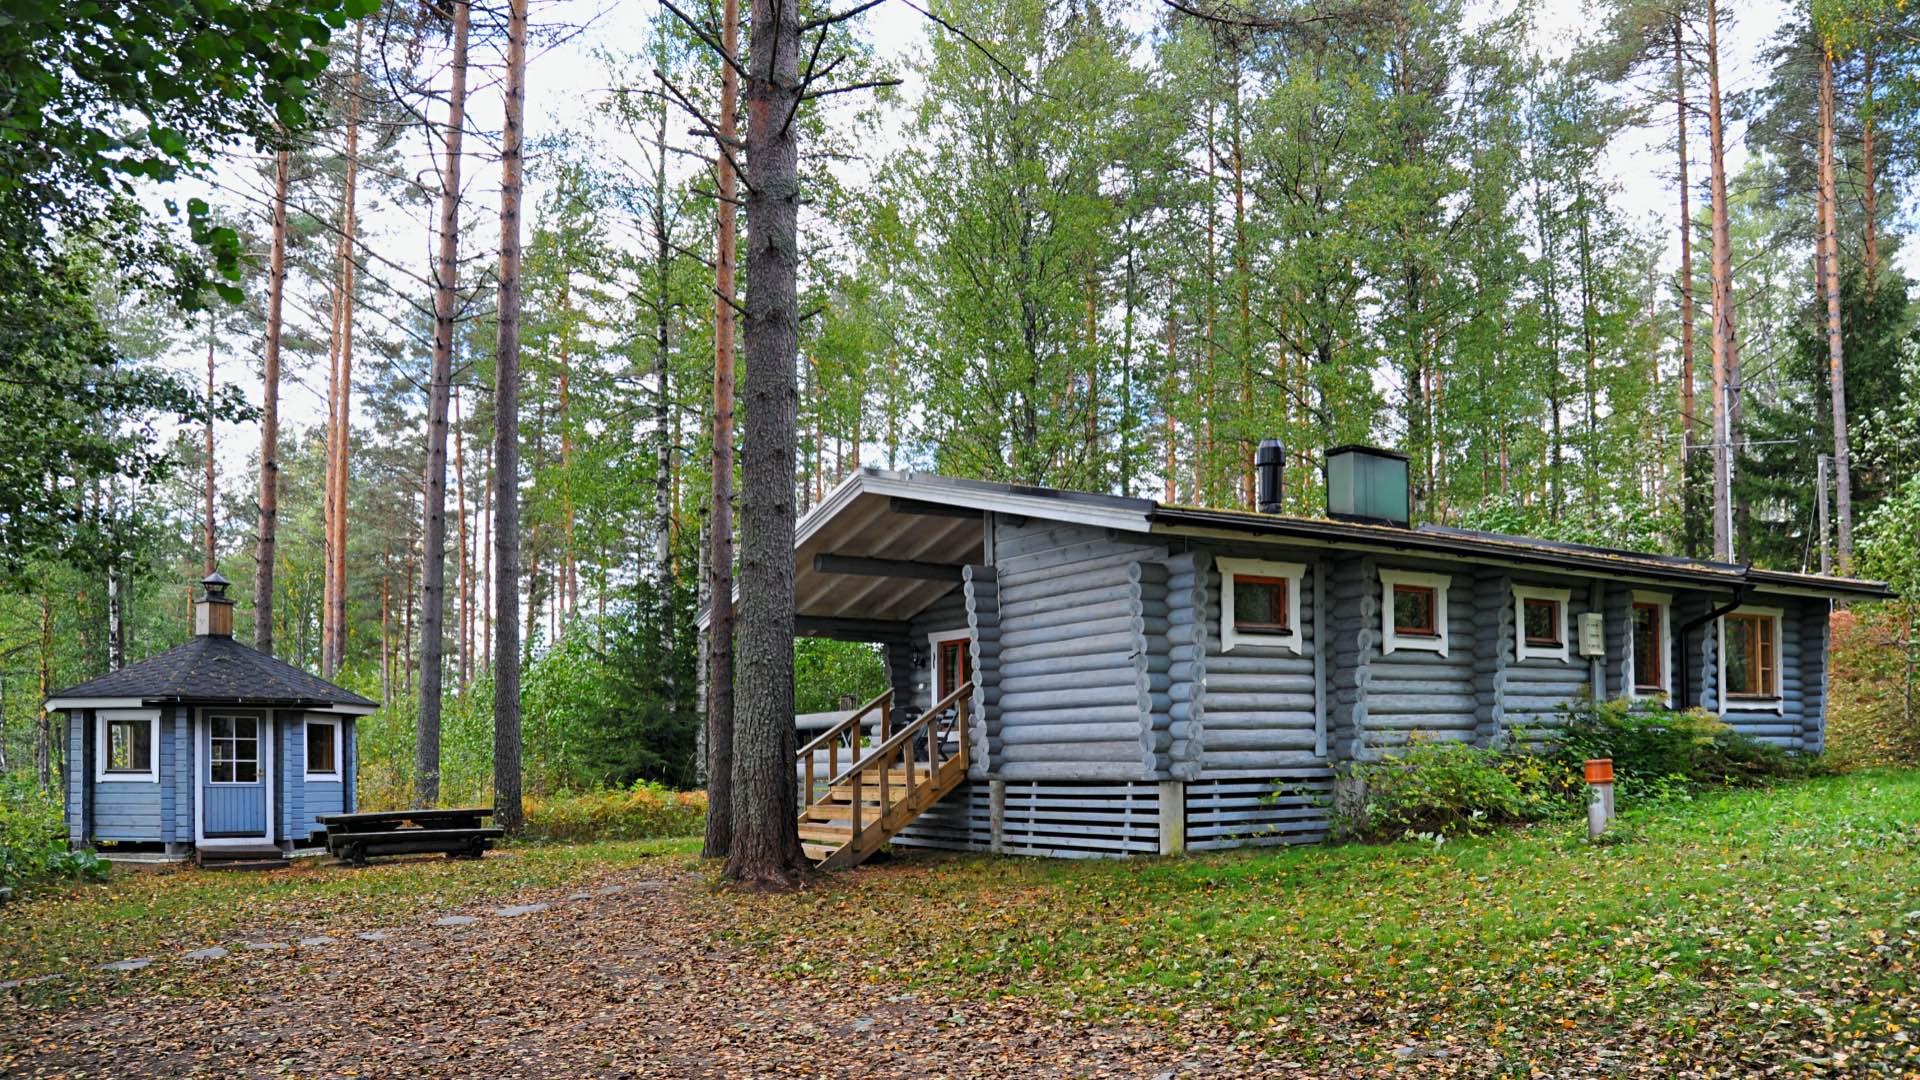 Коттедж Васиккахака — очаровательный трехкомнатный коттедж, который находится на берегу небольшого тихого озера Хяркяярви в Юго-Восточной Финляндии, в городе Миккели.